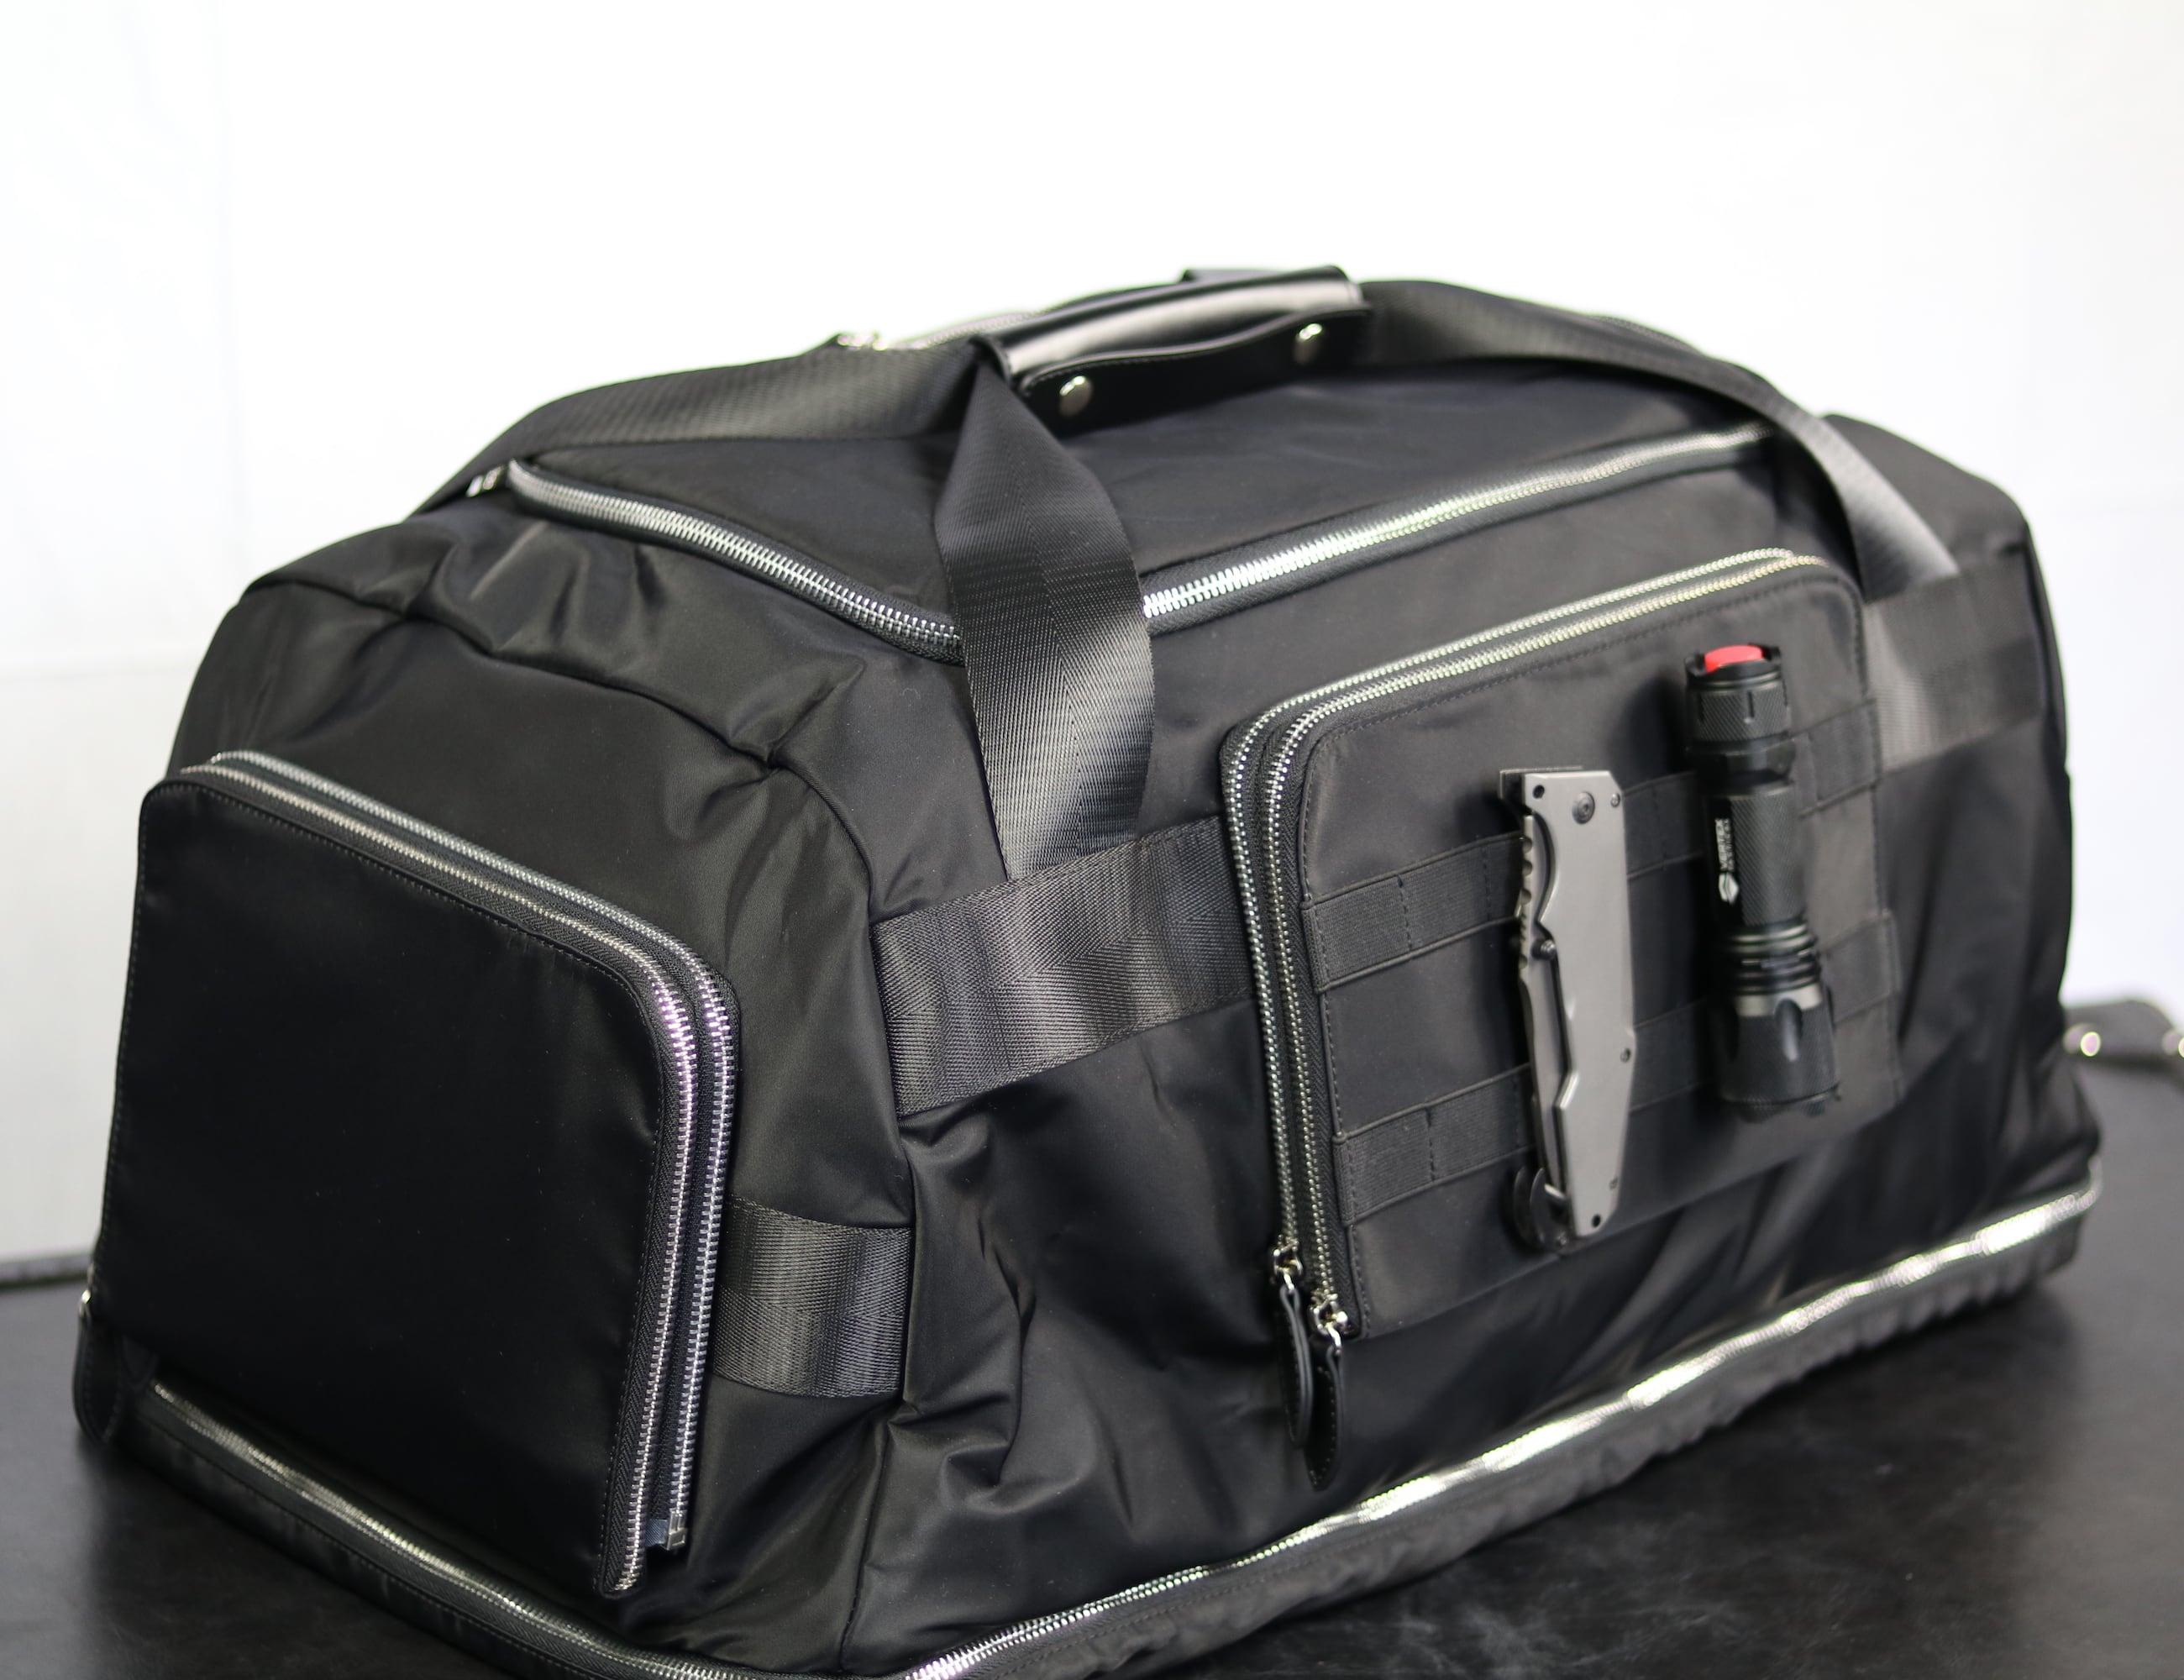 IMPEL Customizable Travel Duffel Bag